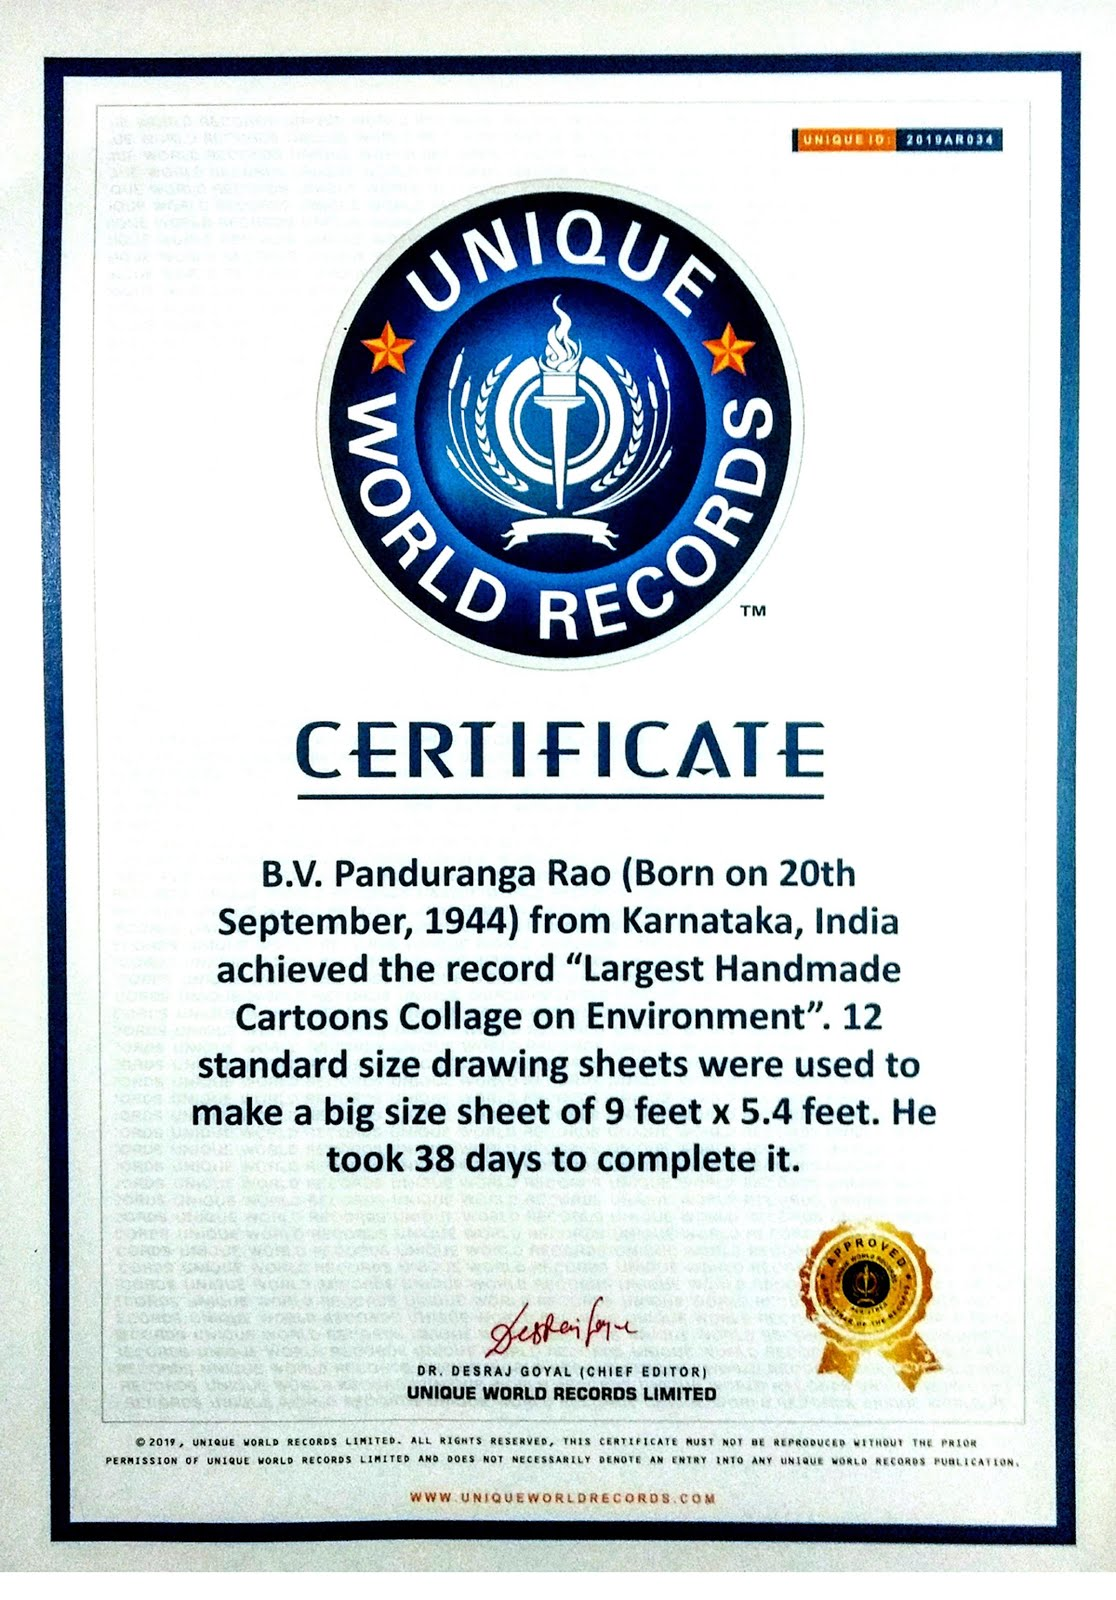 Unique World Record - 2019